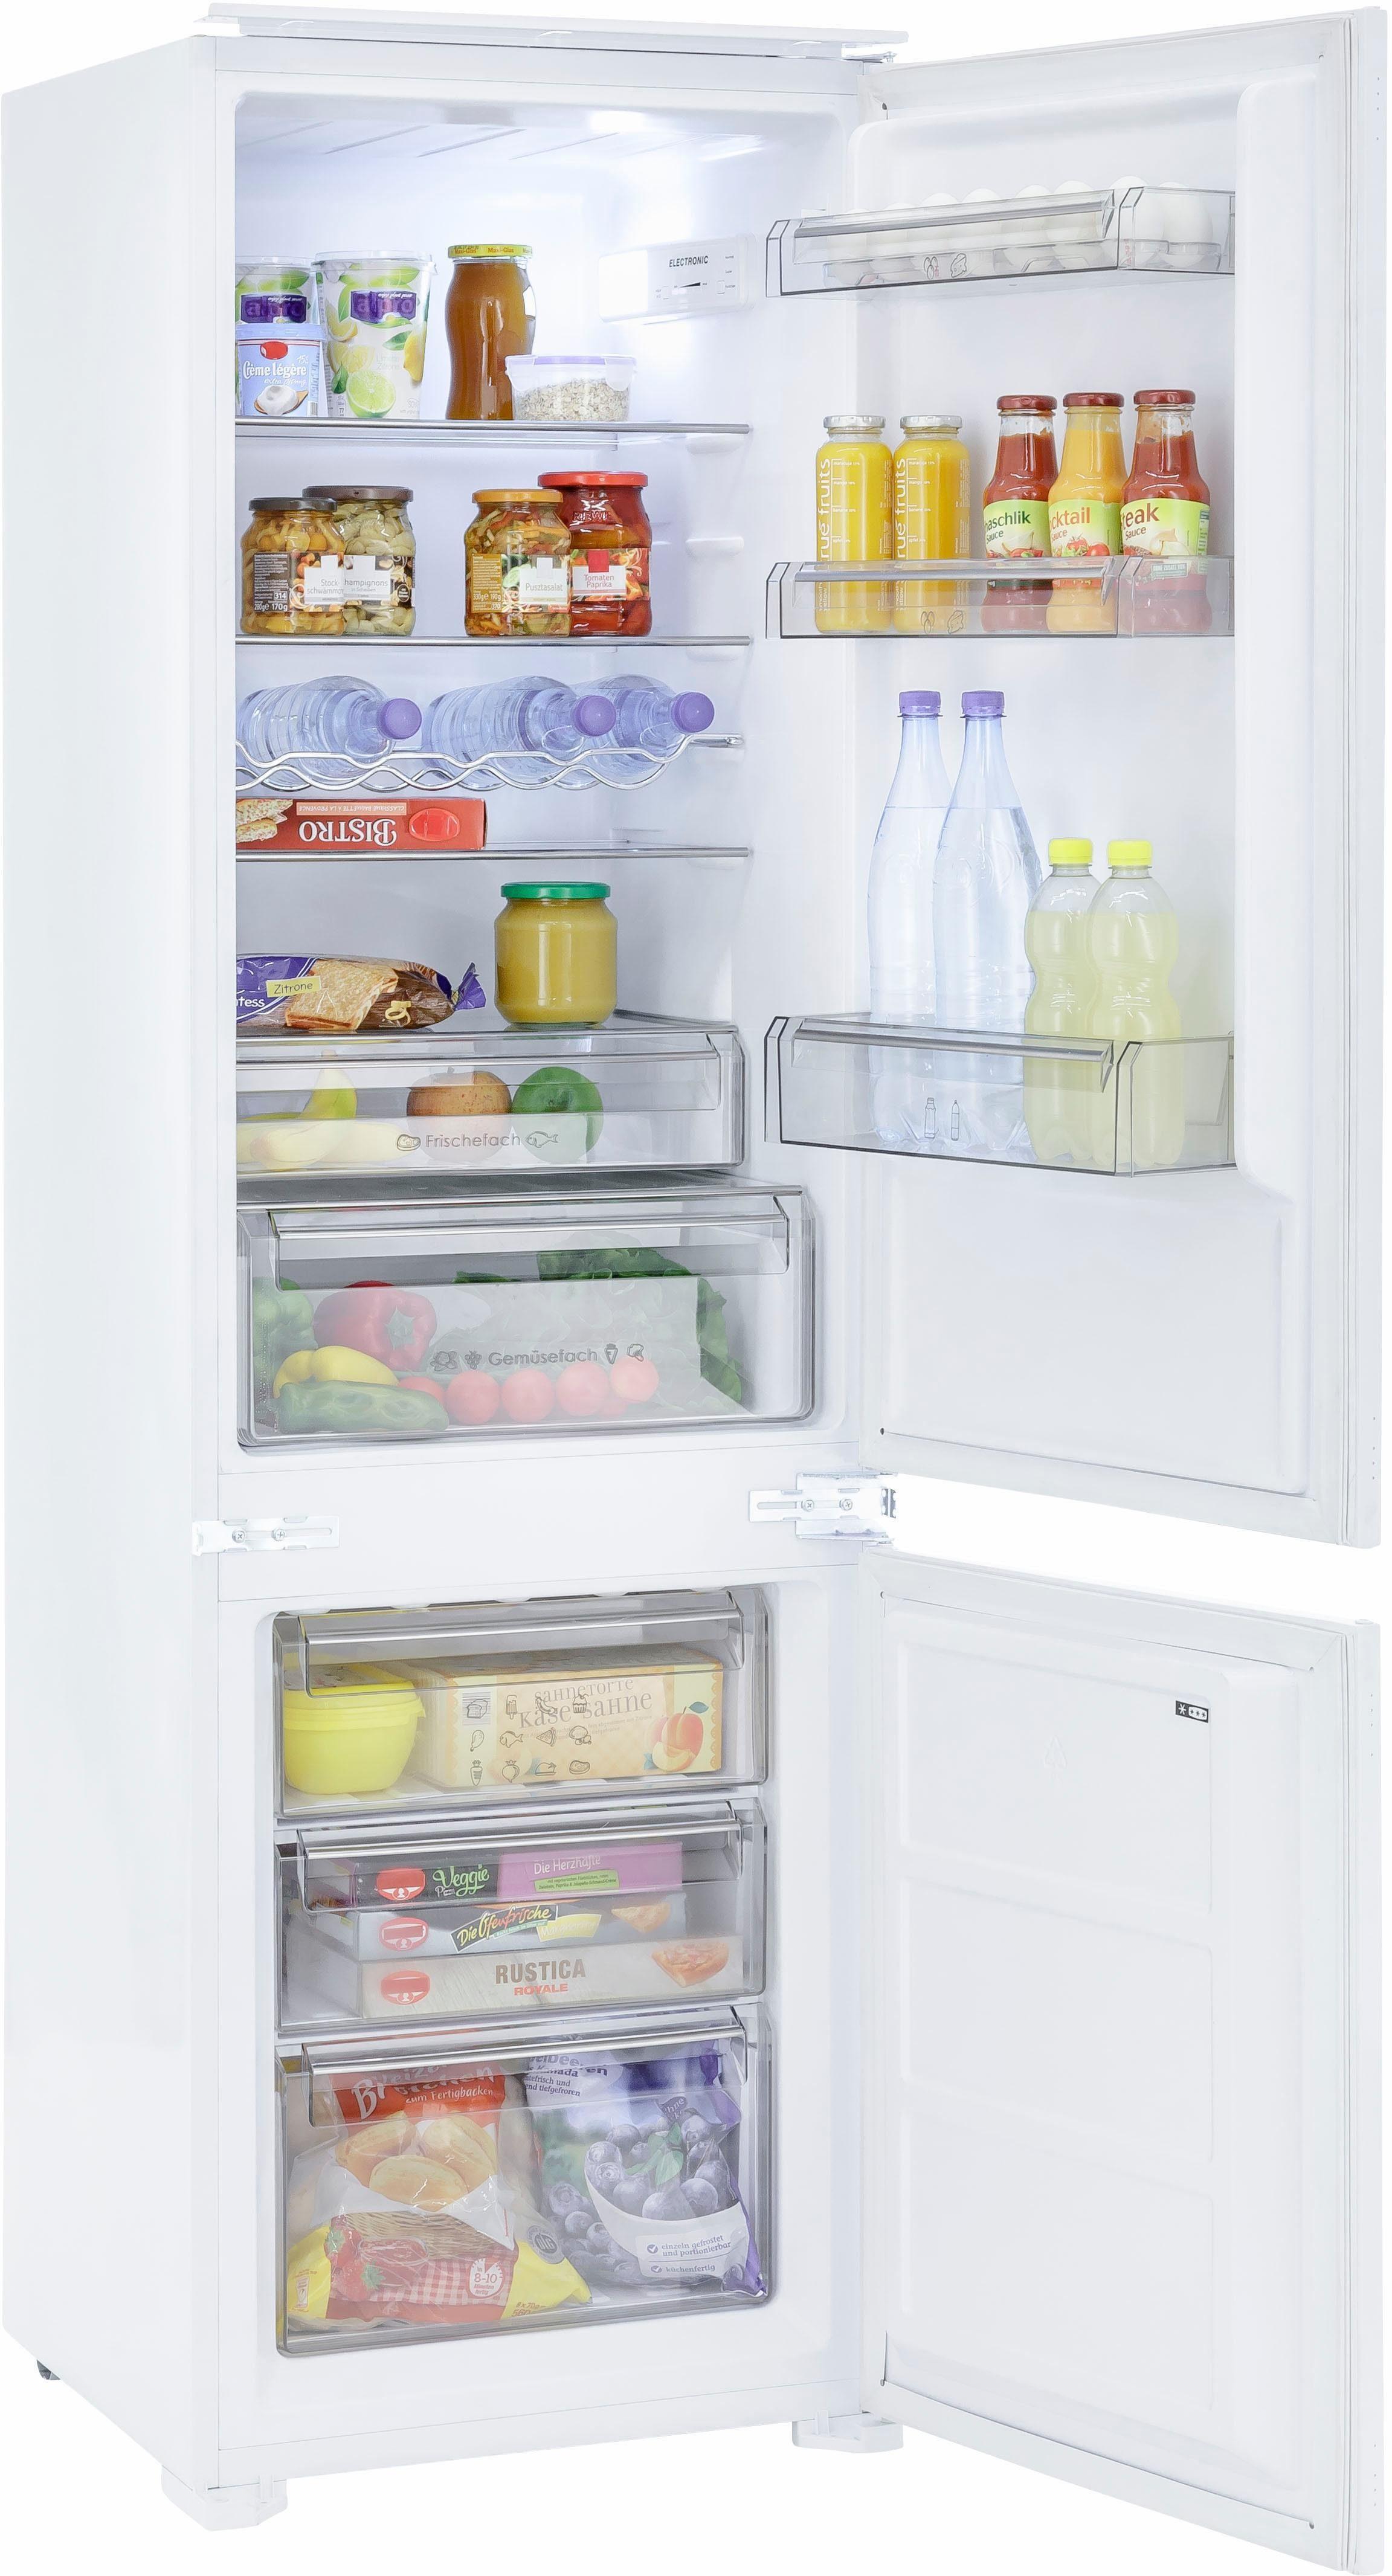 Exquisit Einbaukühlgefrierkombination EKGC270-70-42, 177,5 cm hoch, 54,5 cm breit, Energieeffizienzklasse: A++